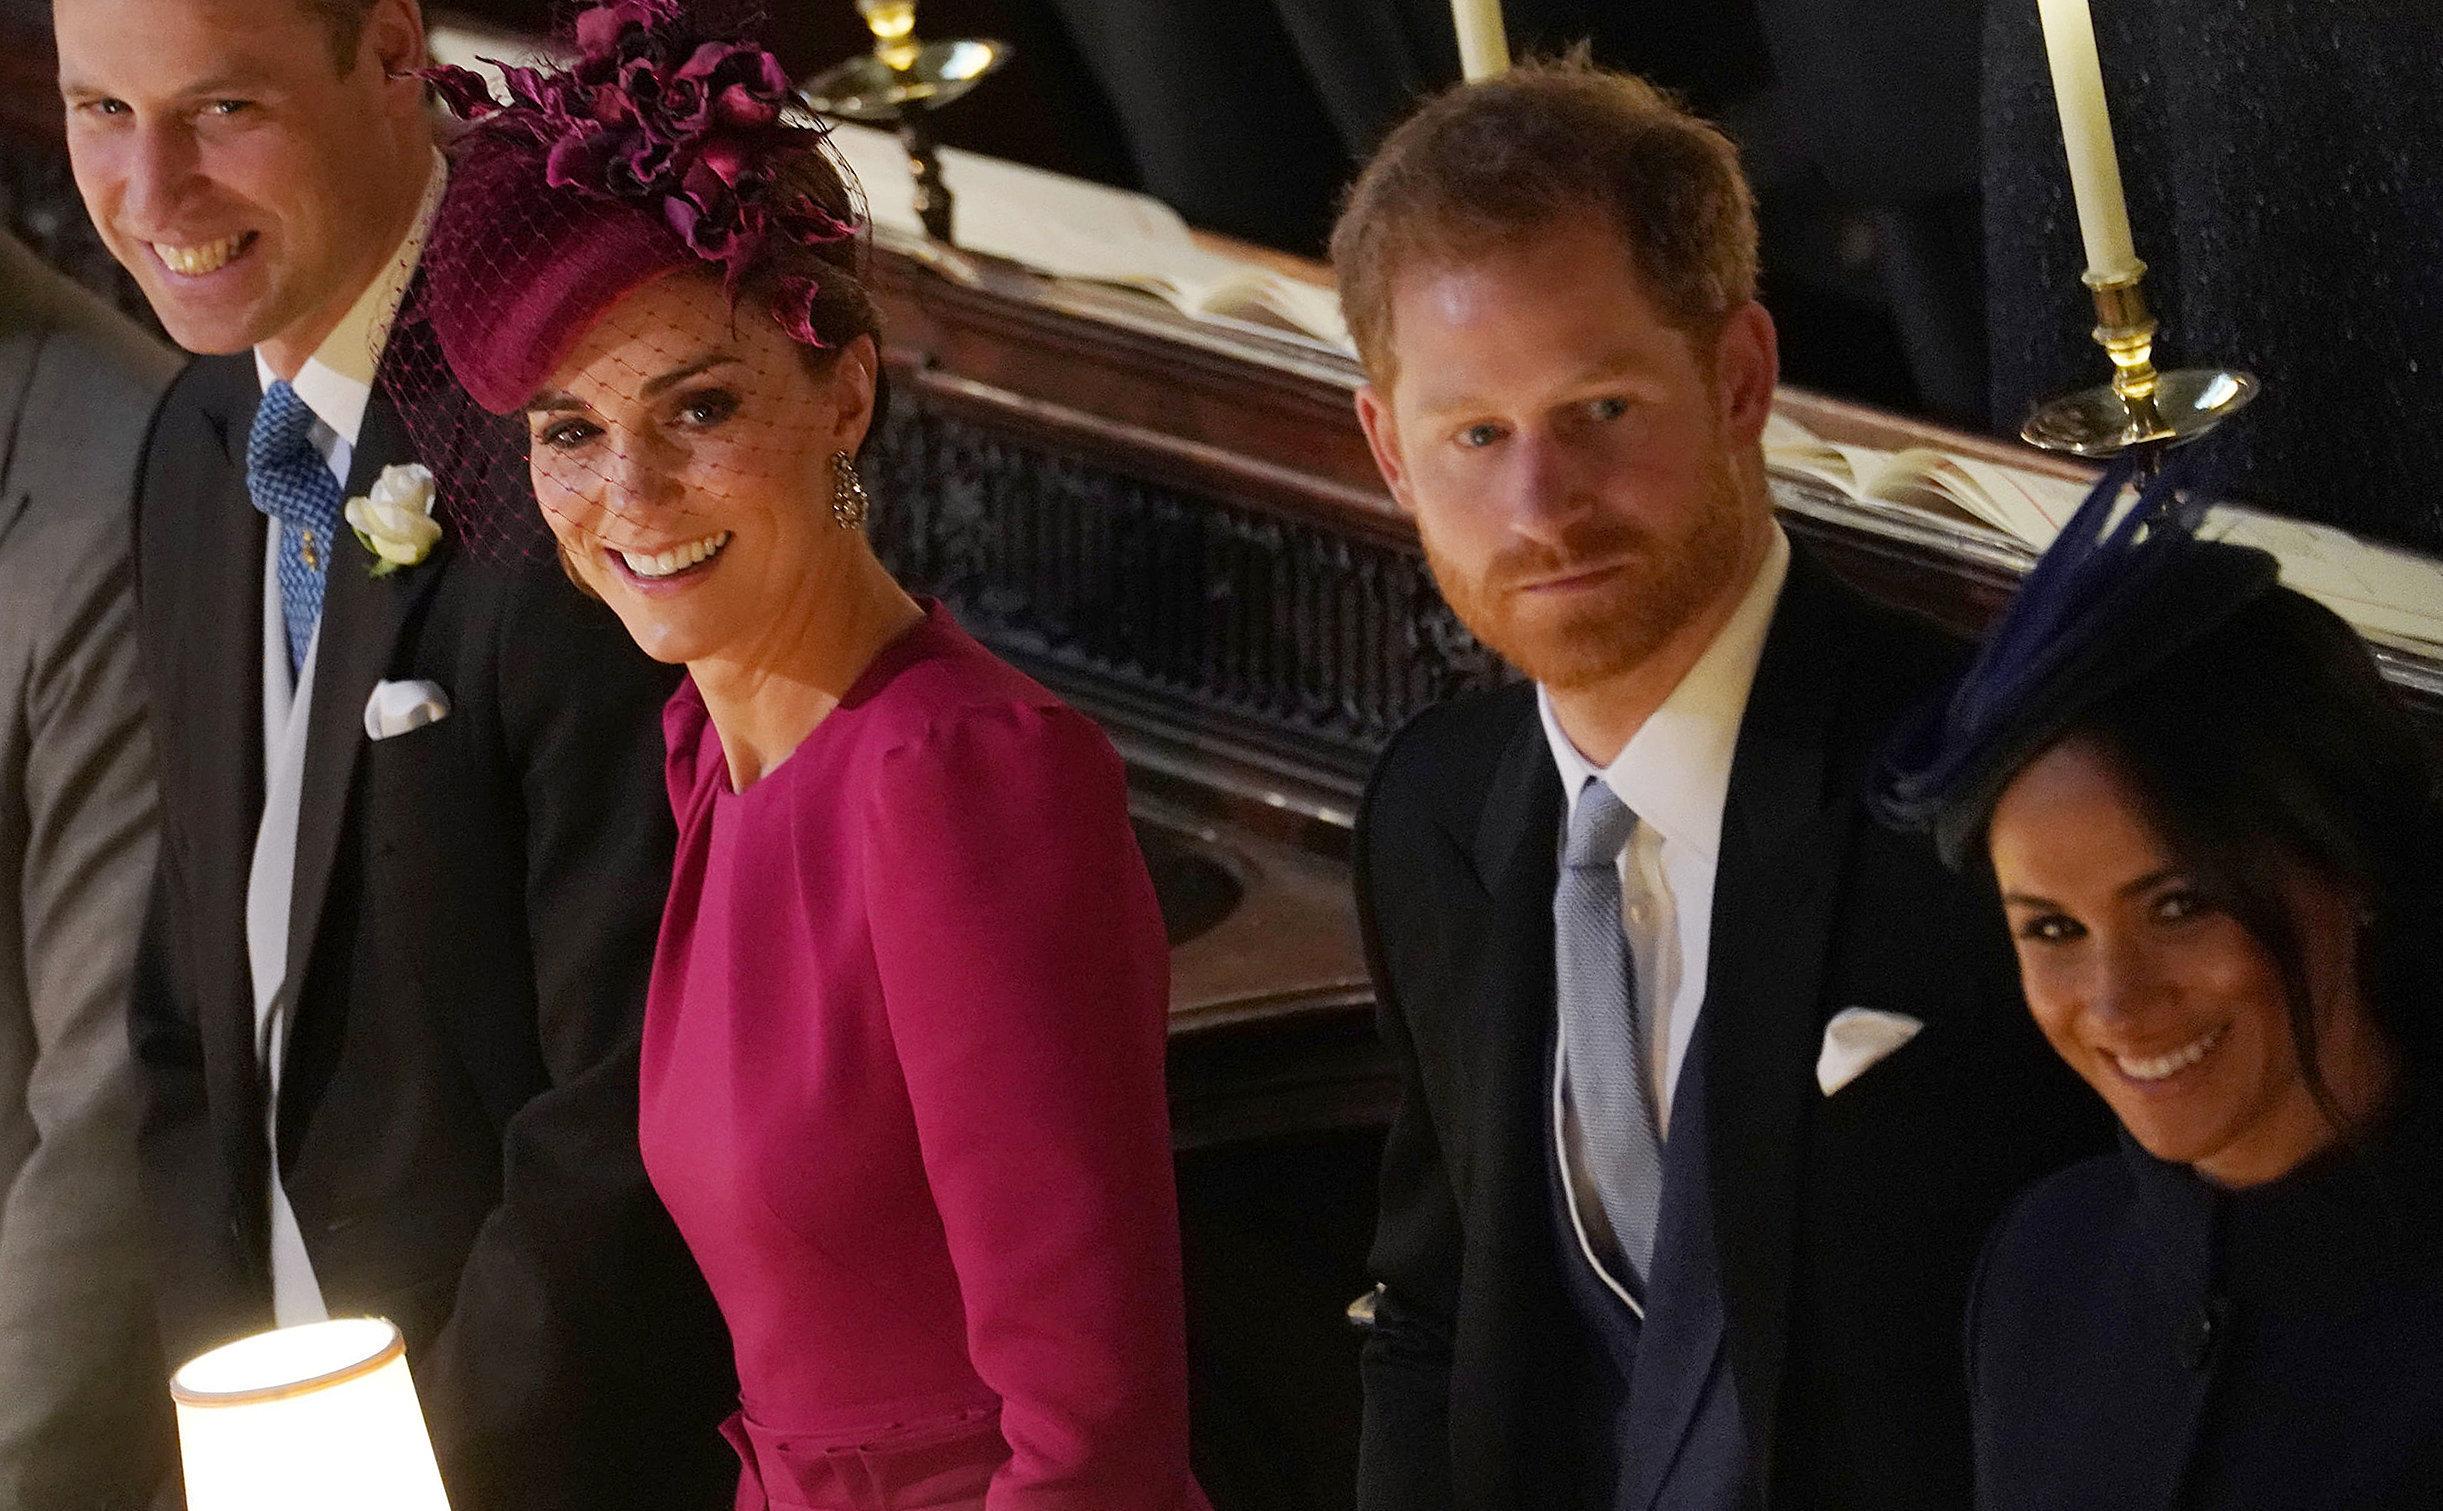 Принц Уильям с супругой Кэтрин и принц Гарри с супругой Меган